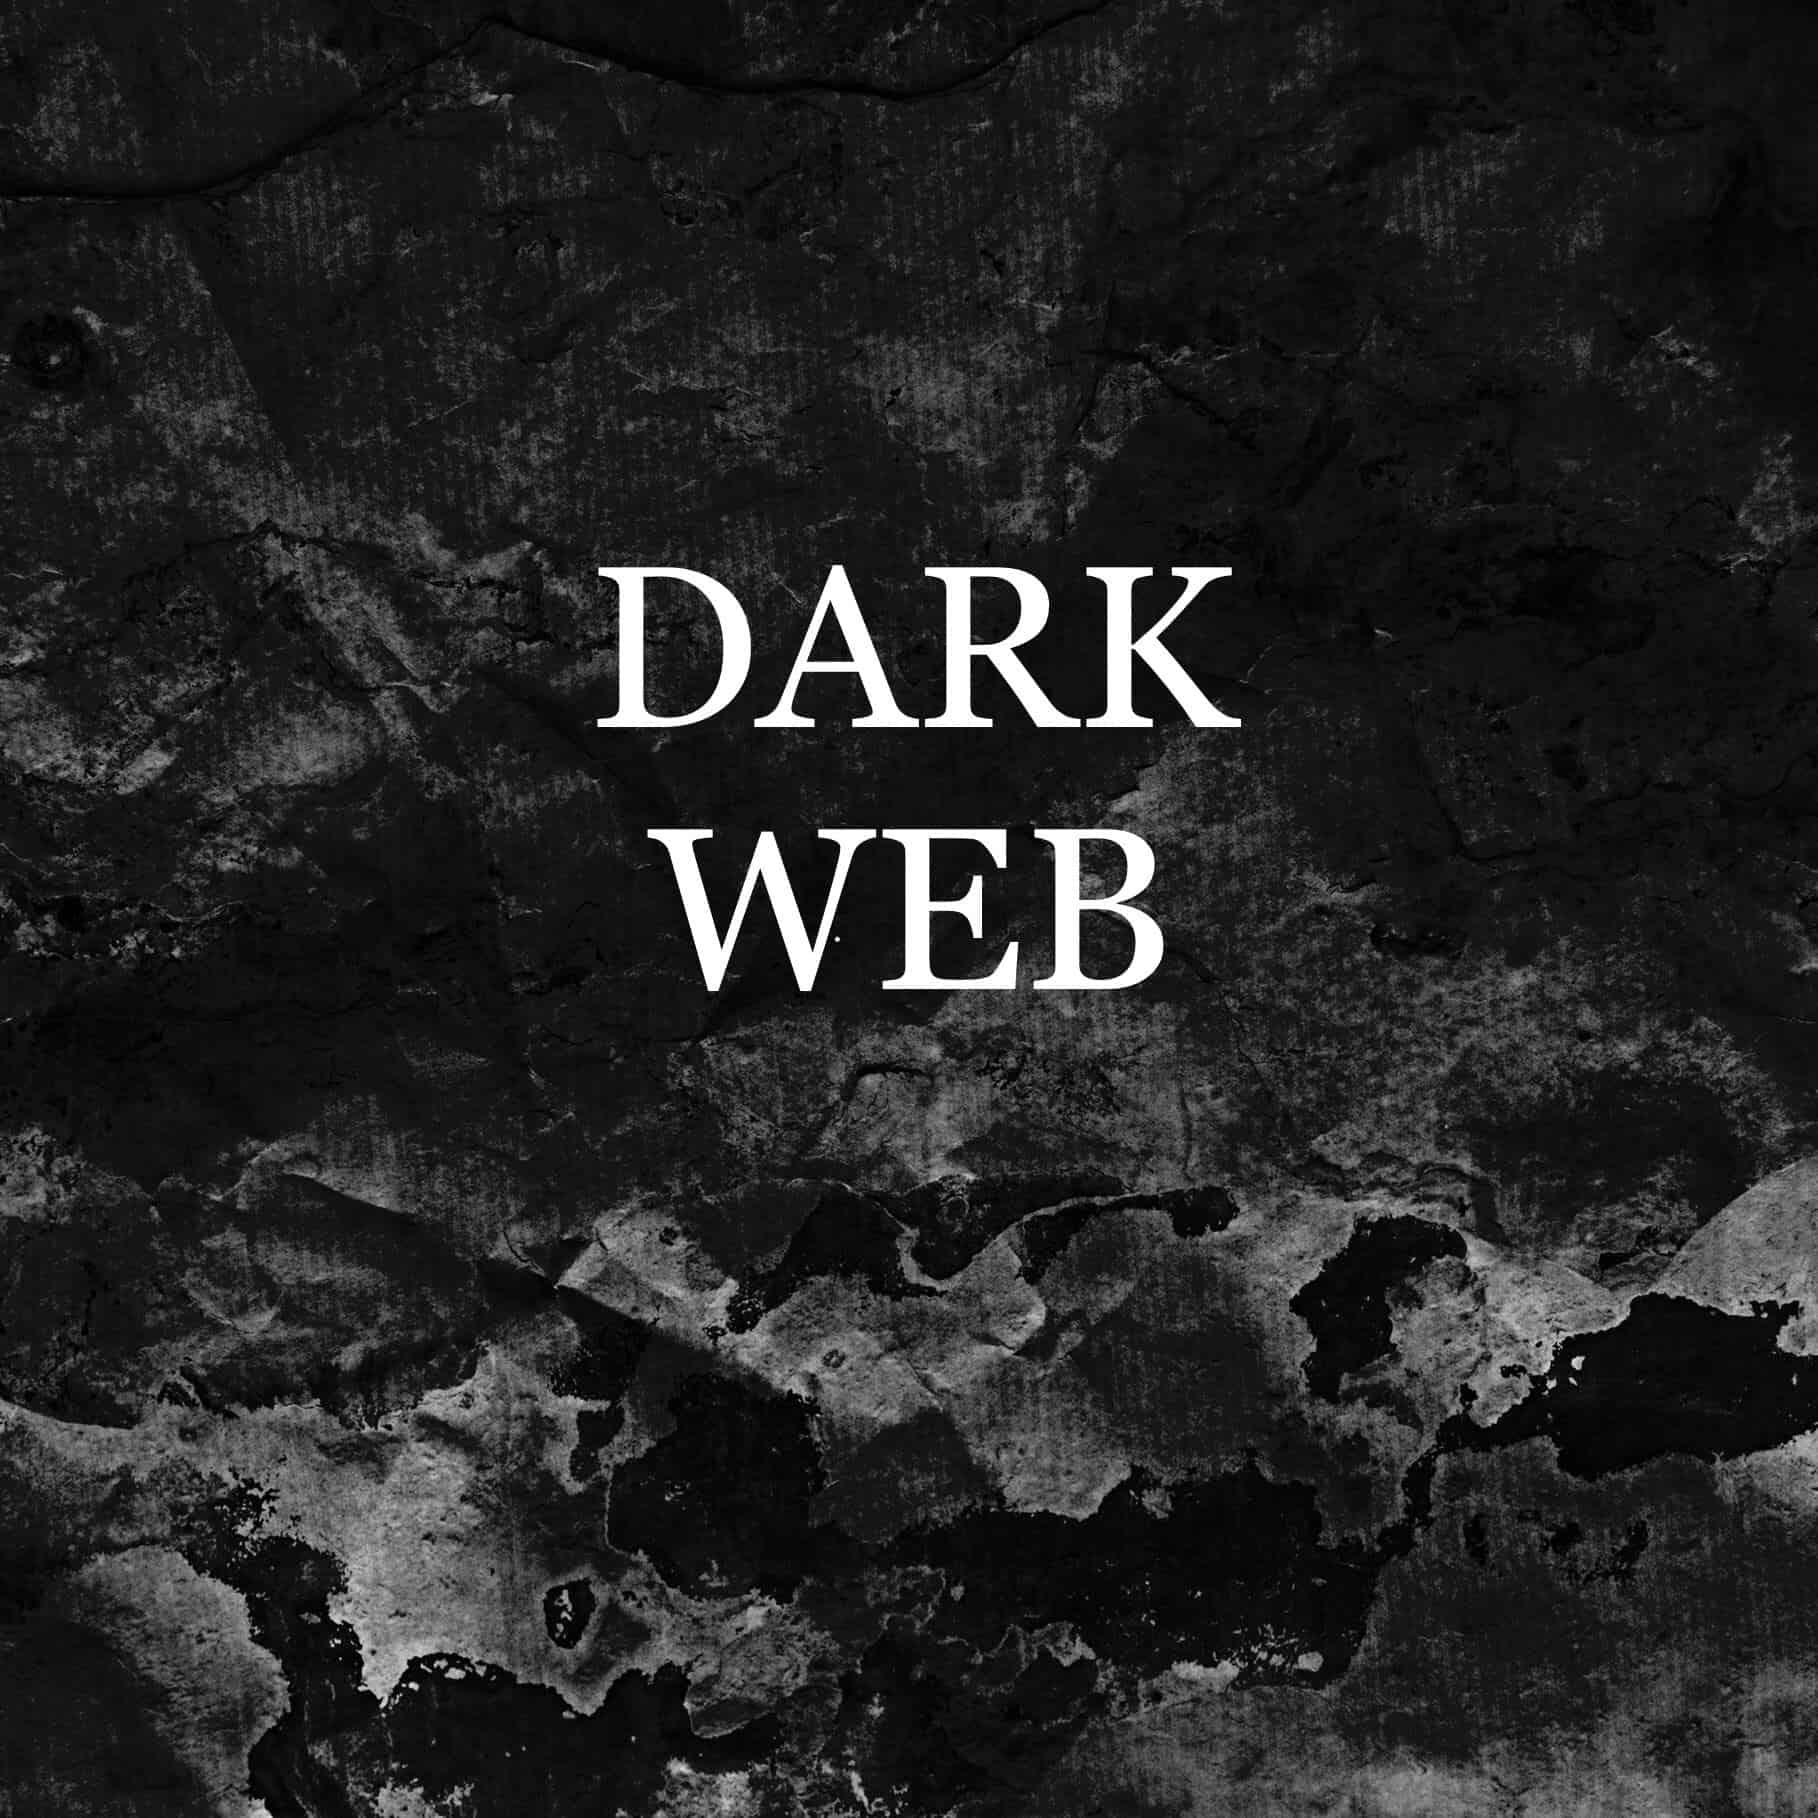 كيفية الدخول إلى الانترنت المظلم